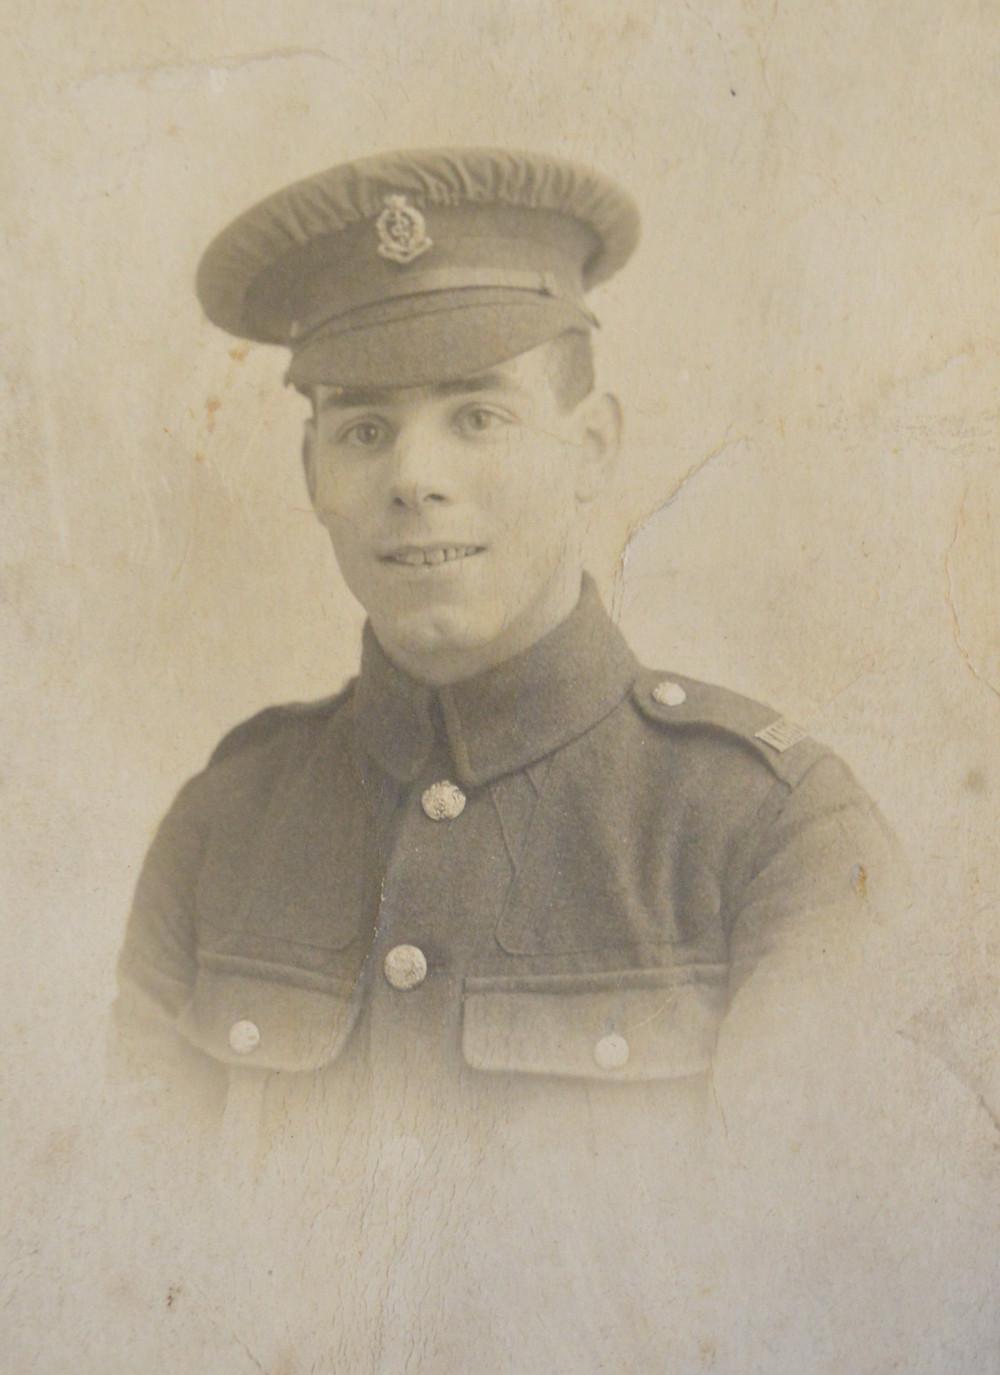 Wilfred Tebbett RAMC soldier